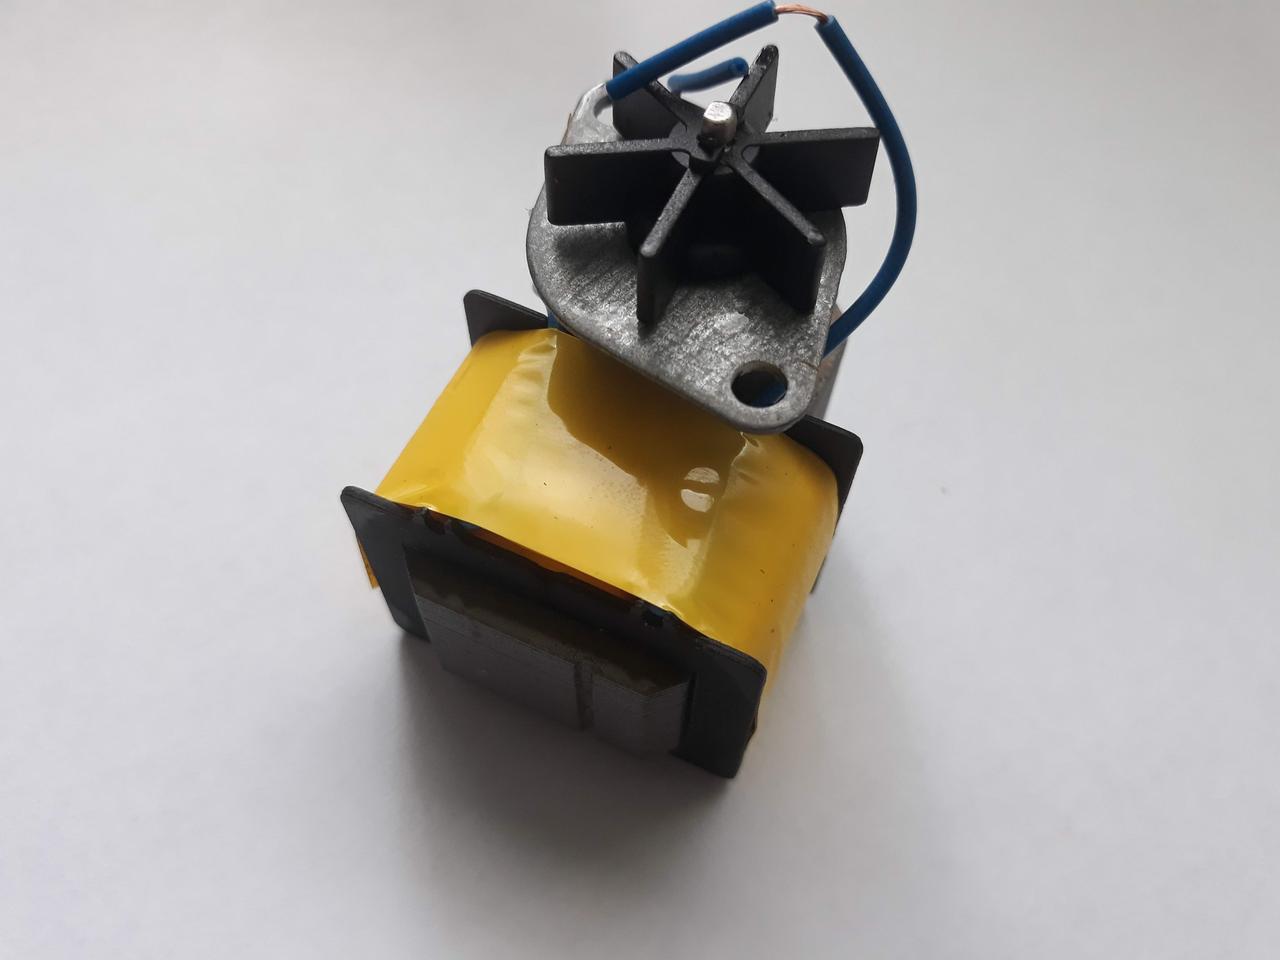 Двигатель для помпы подогревателя Лунфэй Маленький Q и атлант +